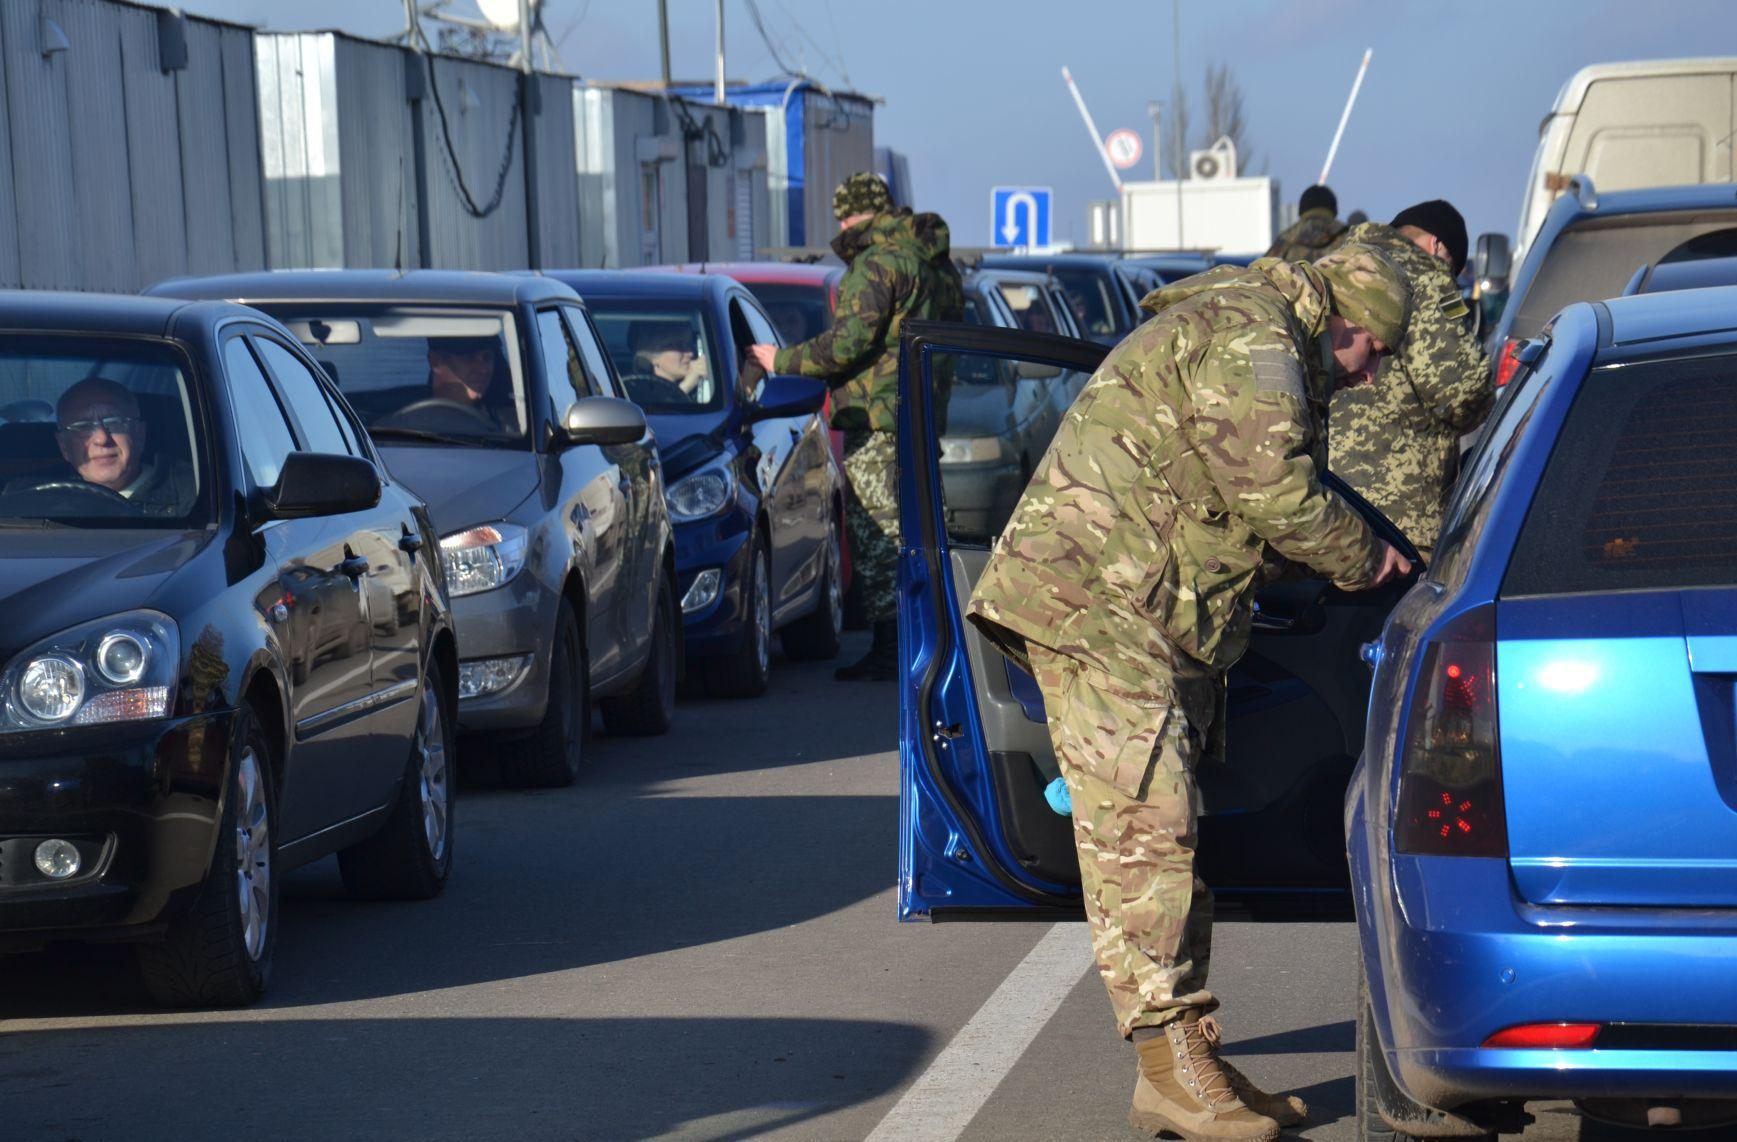 Украинские пограничники зарабатывают на мирных жителях Донбасса до 50 тысяч гривен в день